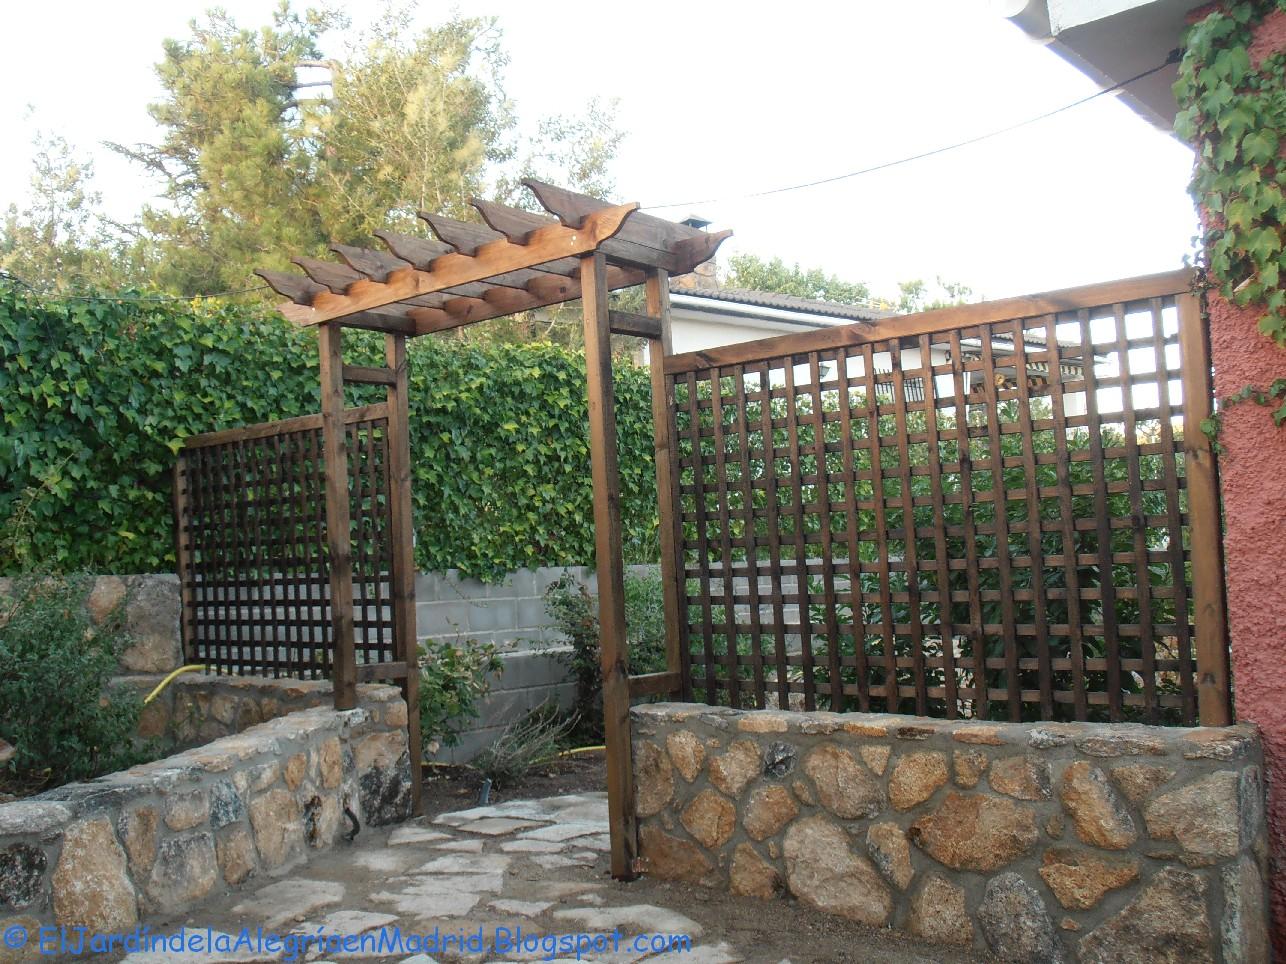 El jard n de la alegr a constru mos un arco de madera for Celosia madera jardin